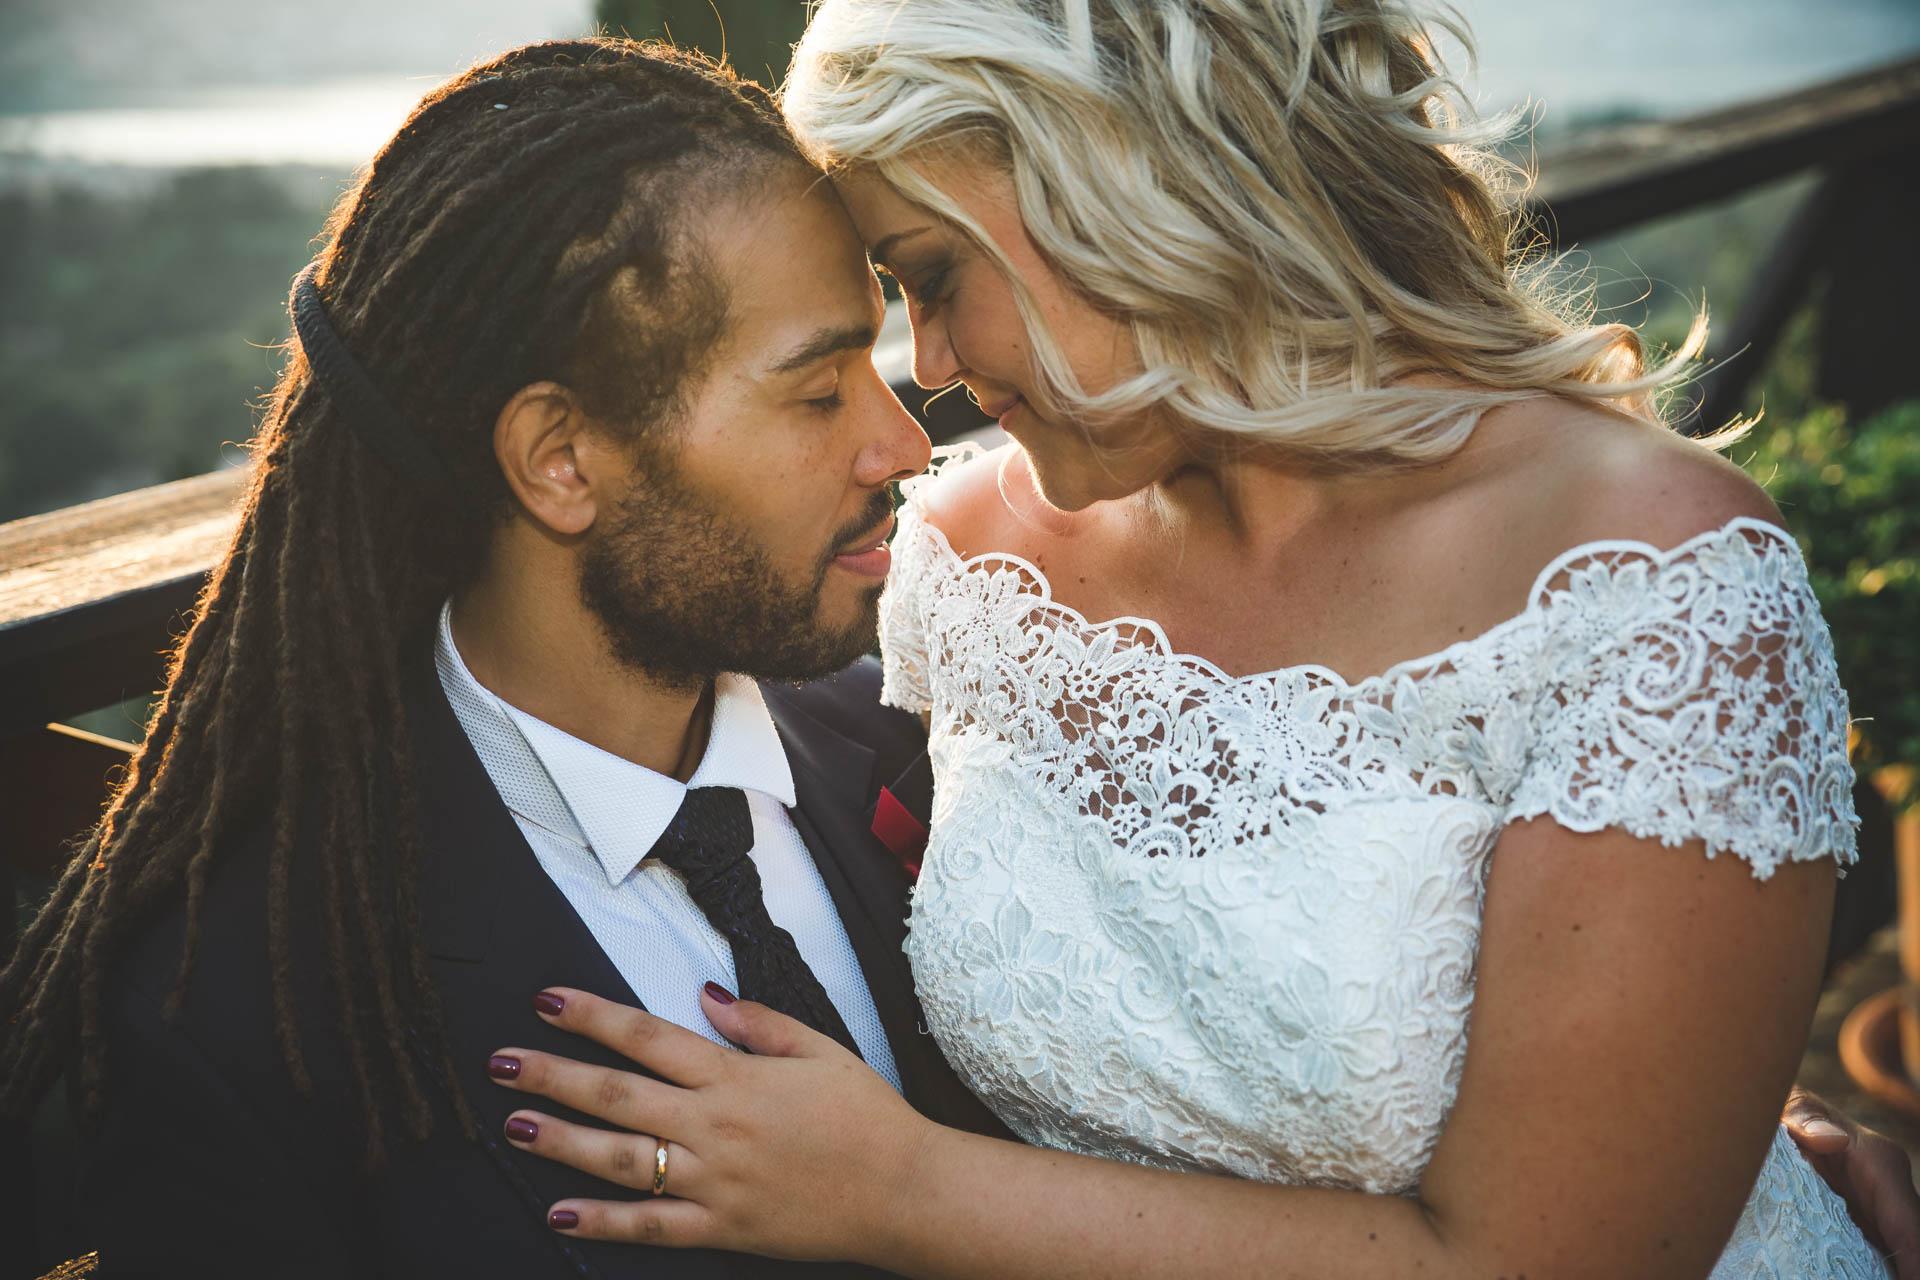 matrimonio sposi abbraccio